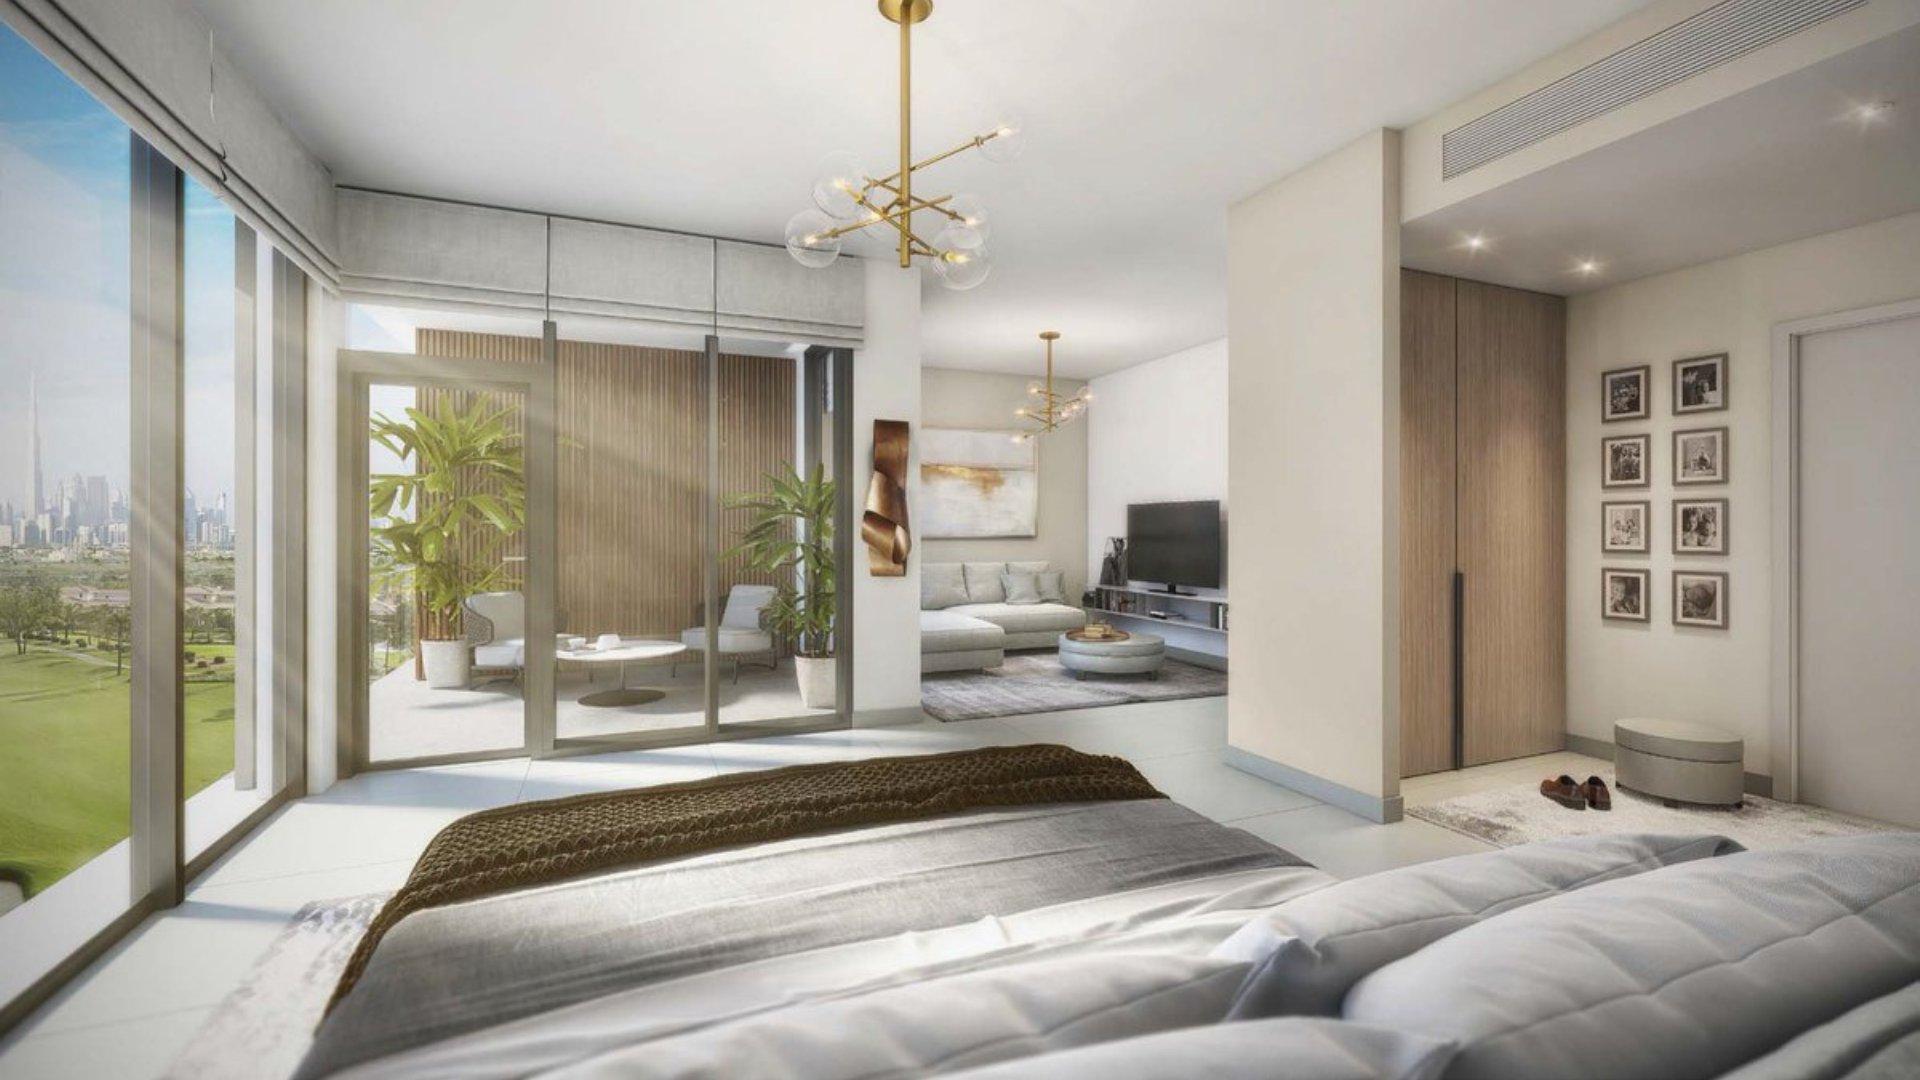 Villa en venta en Dubai, EAU, 4 dormitorios, 313 m2, № 24144 – foto 3